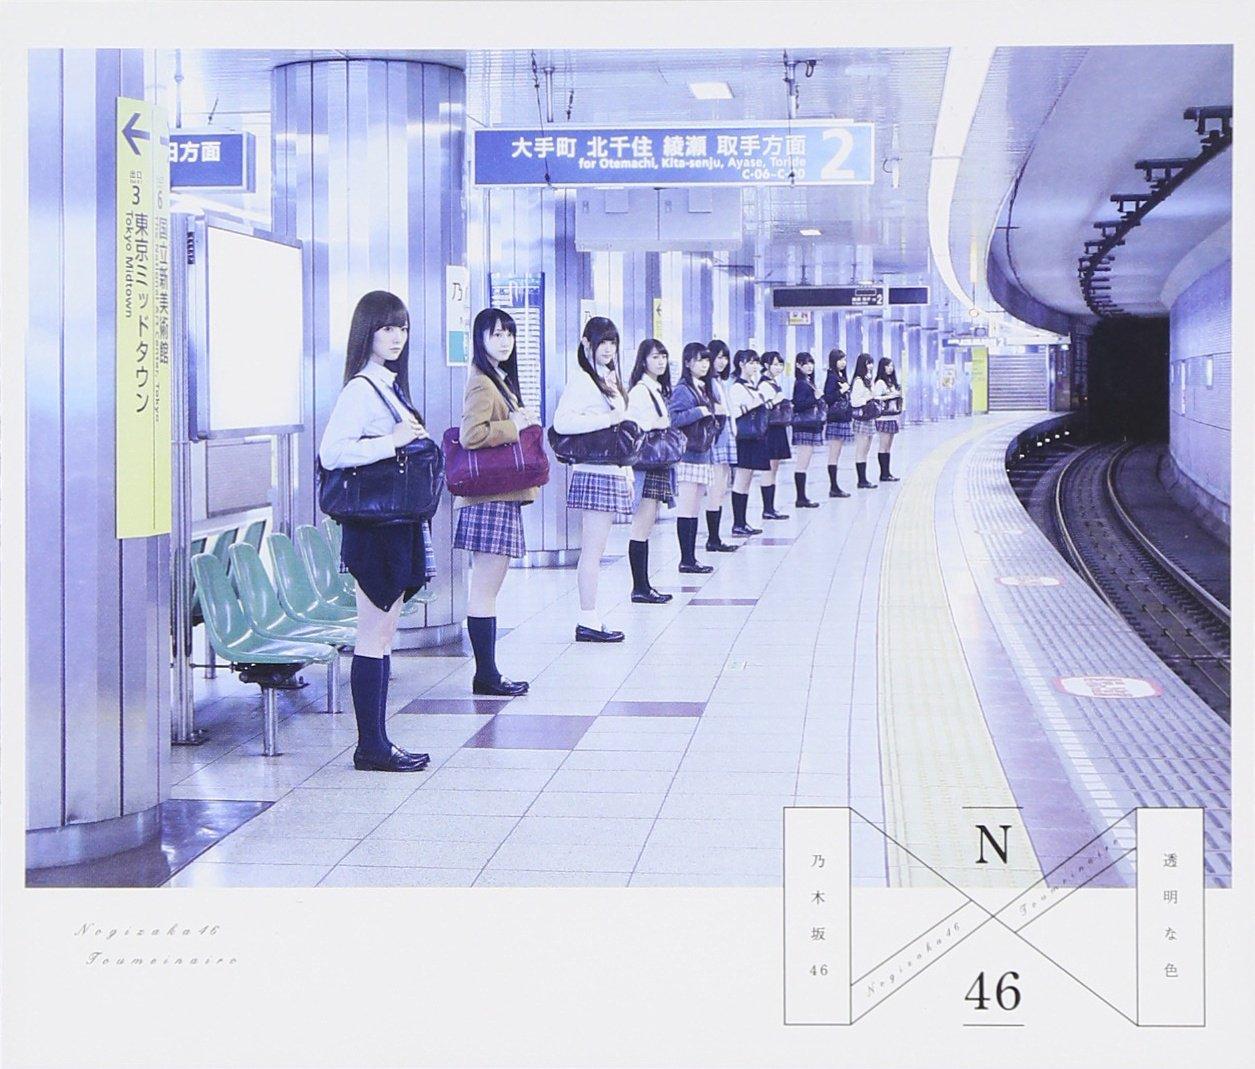 http://ecx.images-amazon.com/images/I/71MxGO5YJcL._SL1255_.jpg